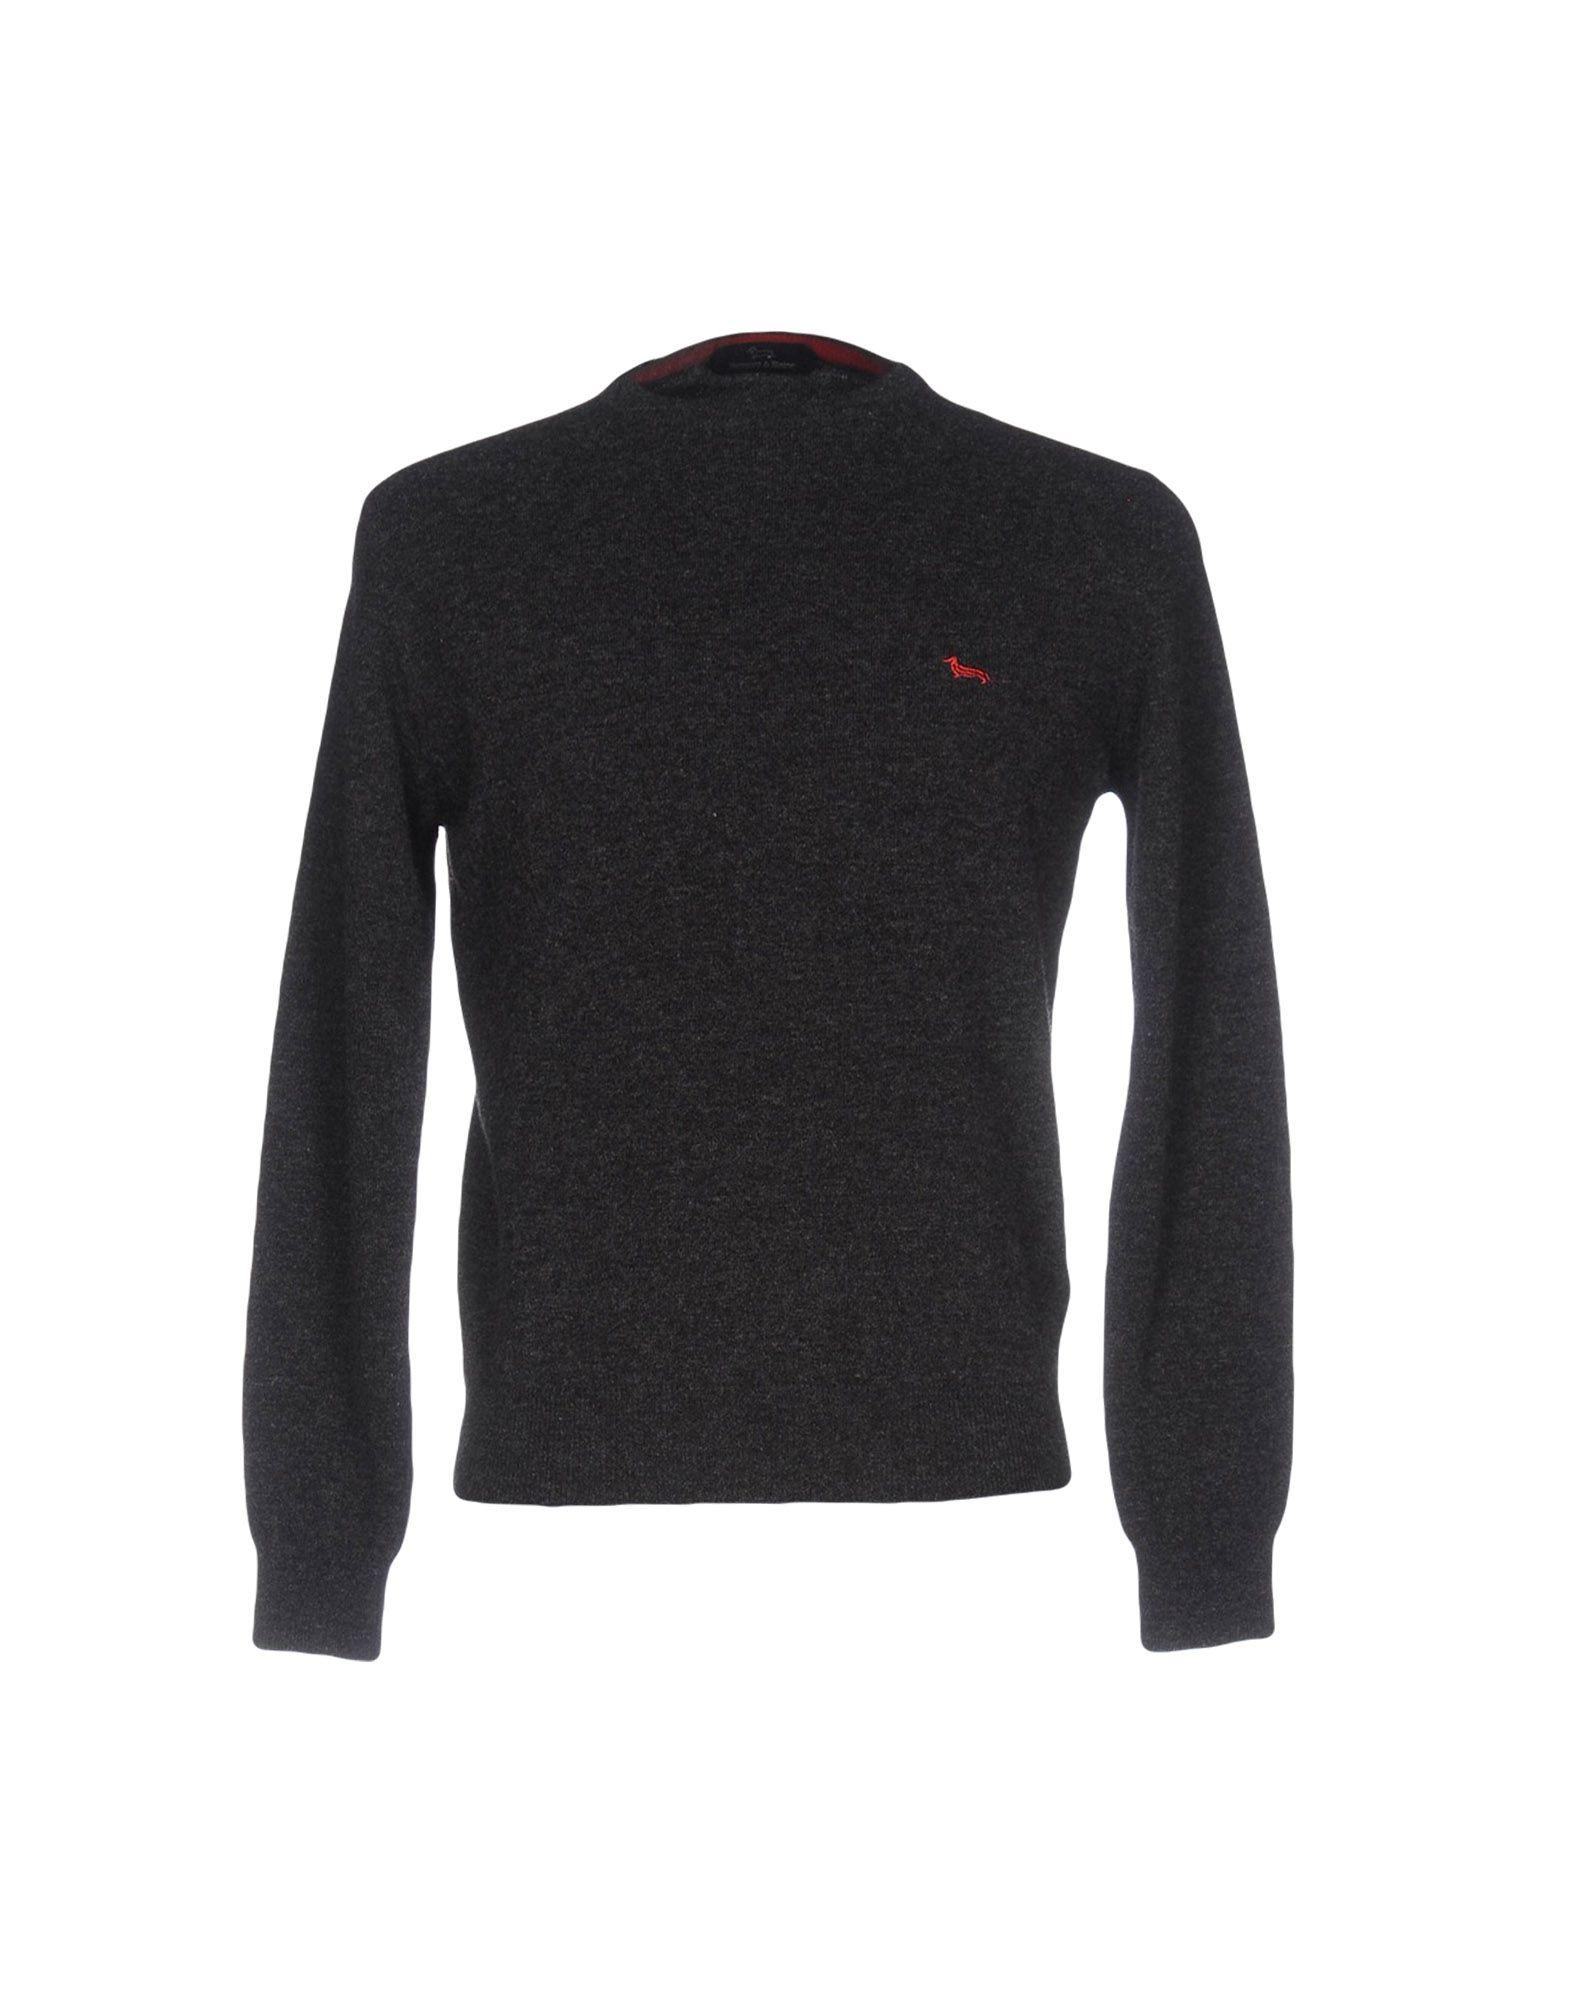 HARMONT&BLAINE Herren Pullover Farbe Granitgrau Größe 5 jetztbilligerkaufen